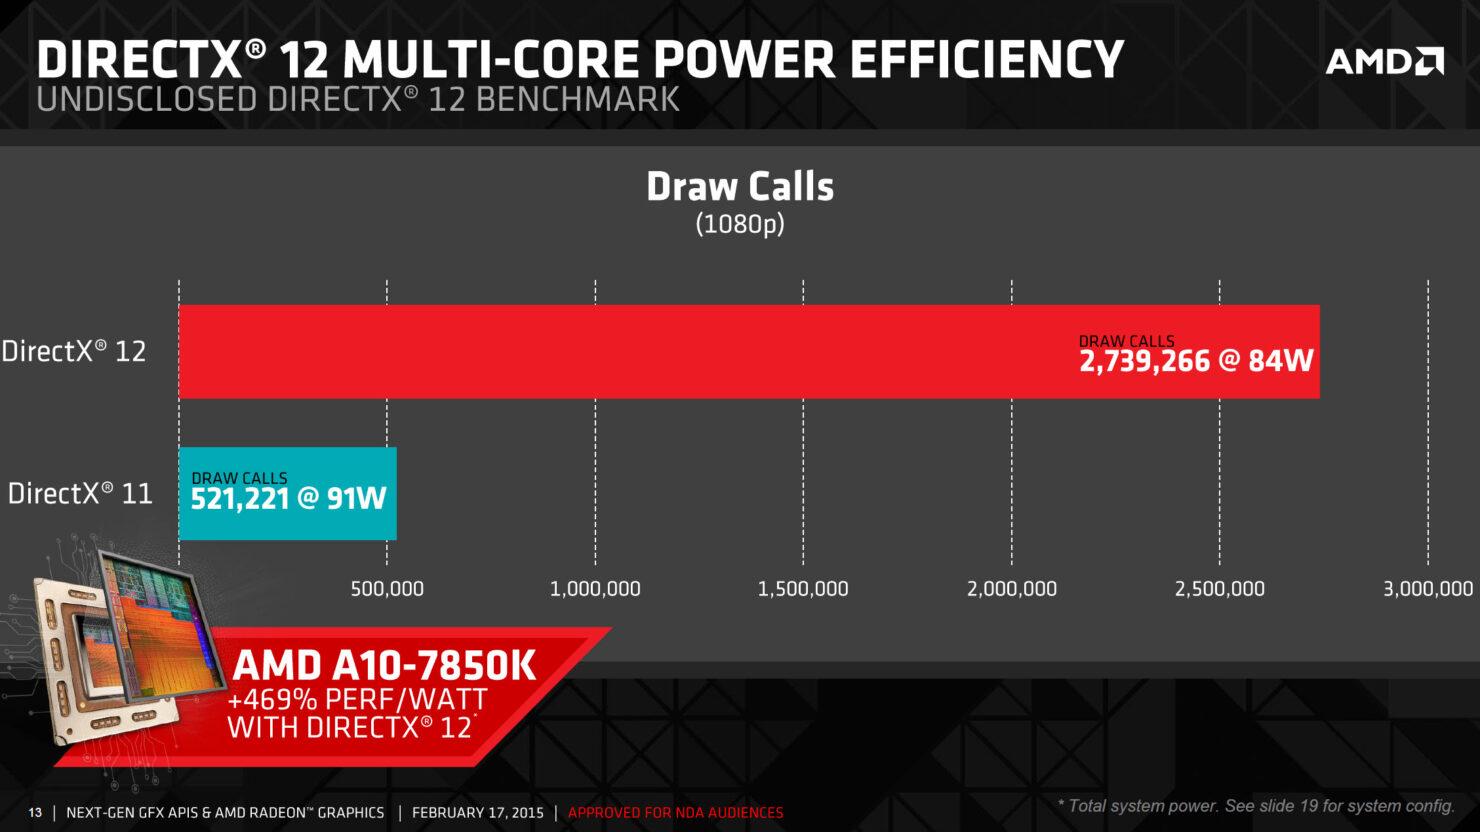 amd-directx-12-multi-core-power-efficiency